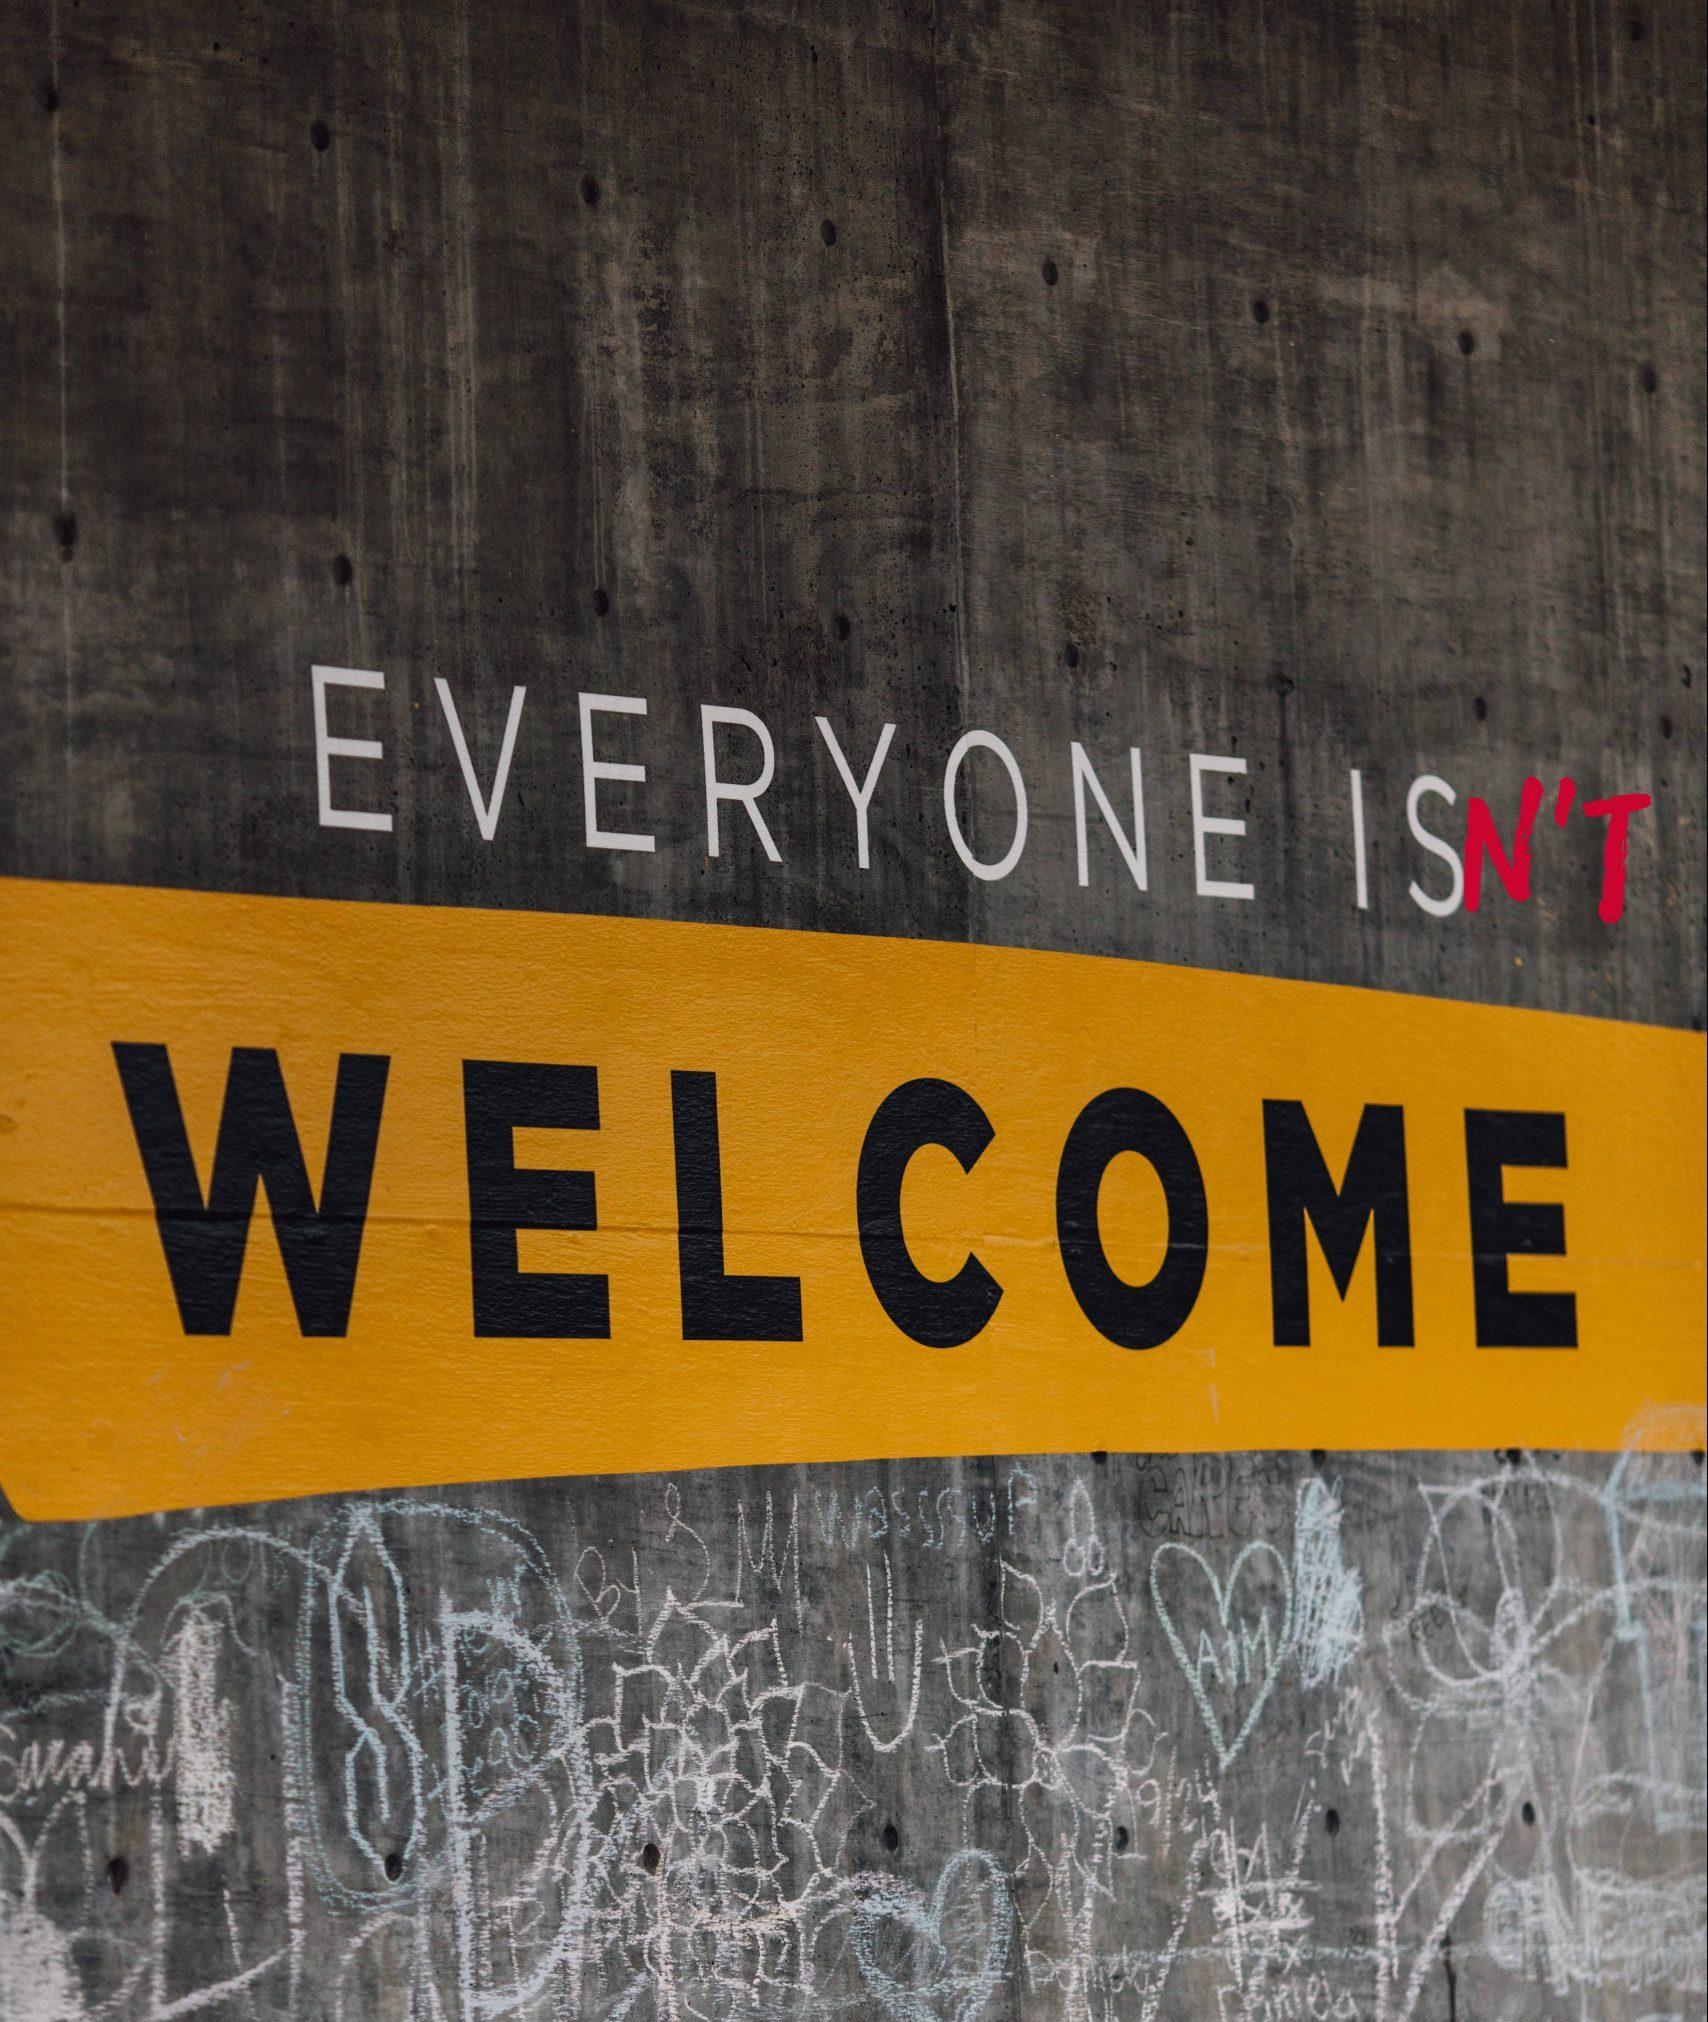 Everyone isn't welcome